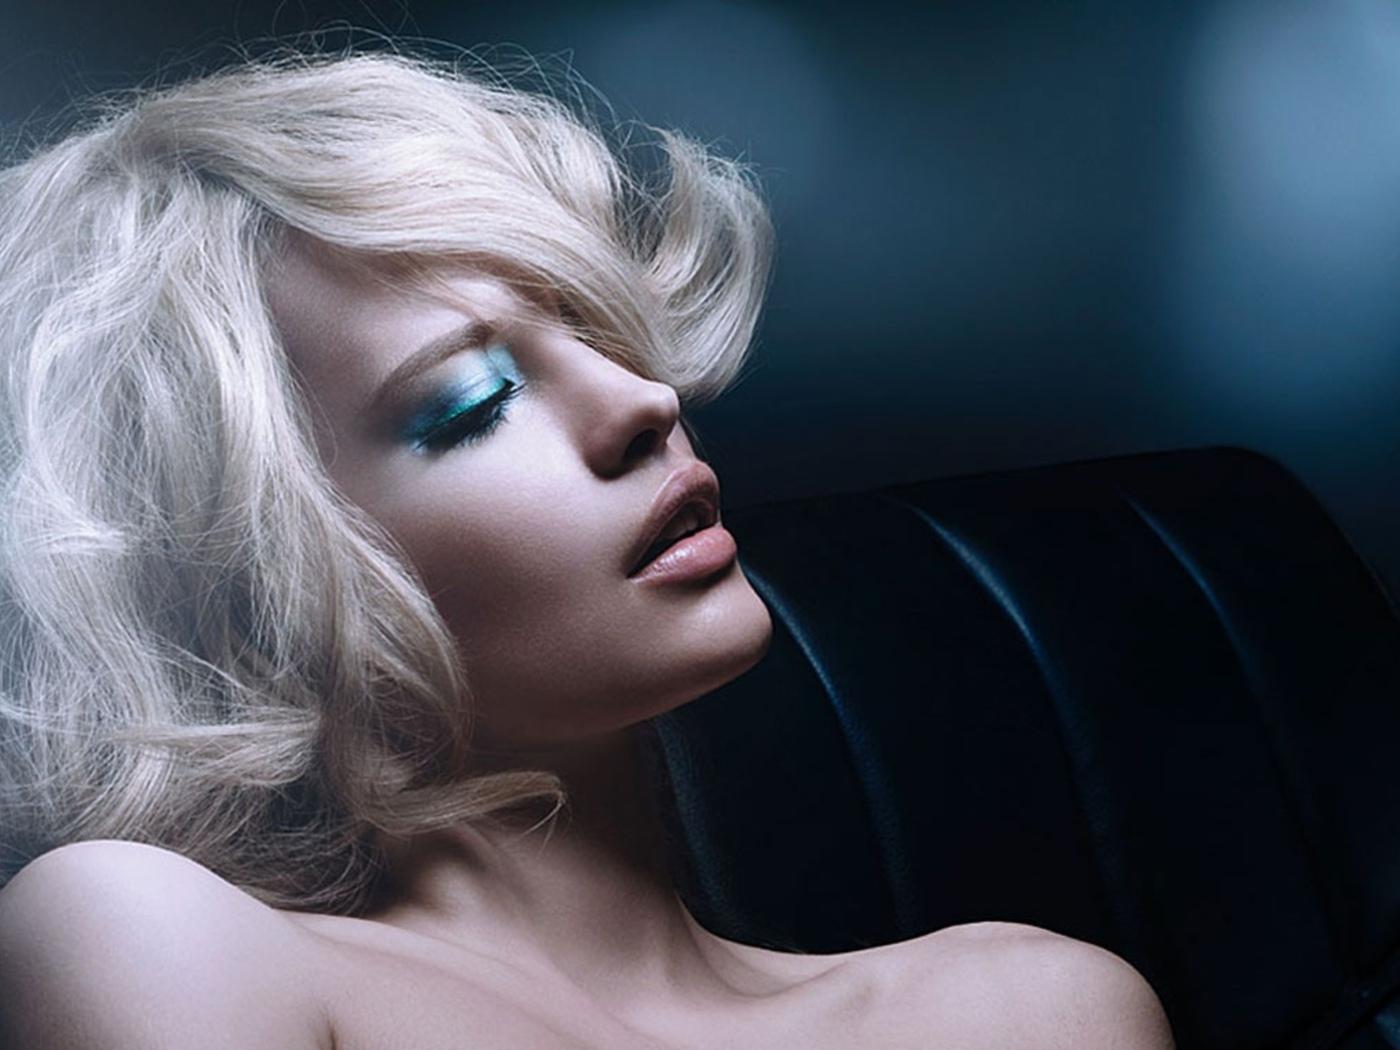 девушка, лицо, губы, взгляд, волосы, красивая